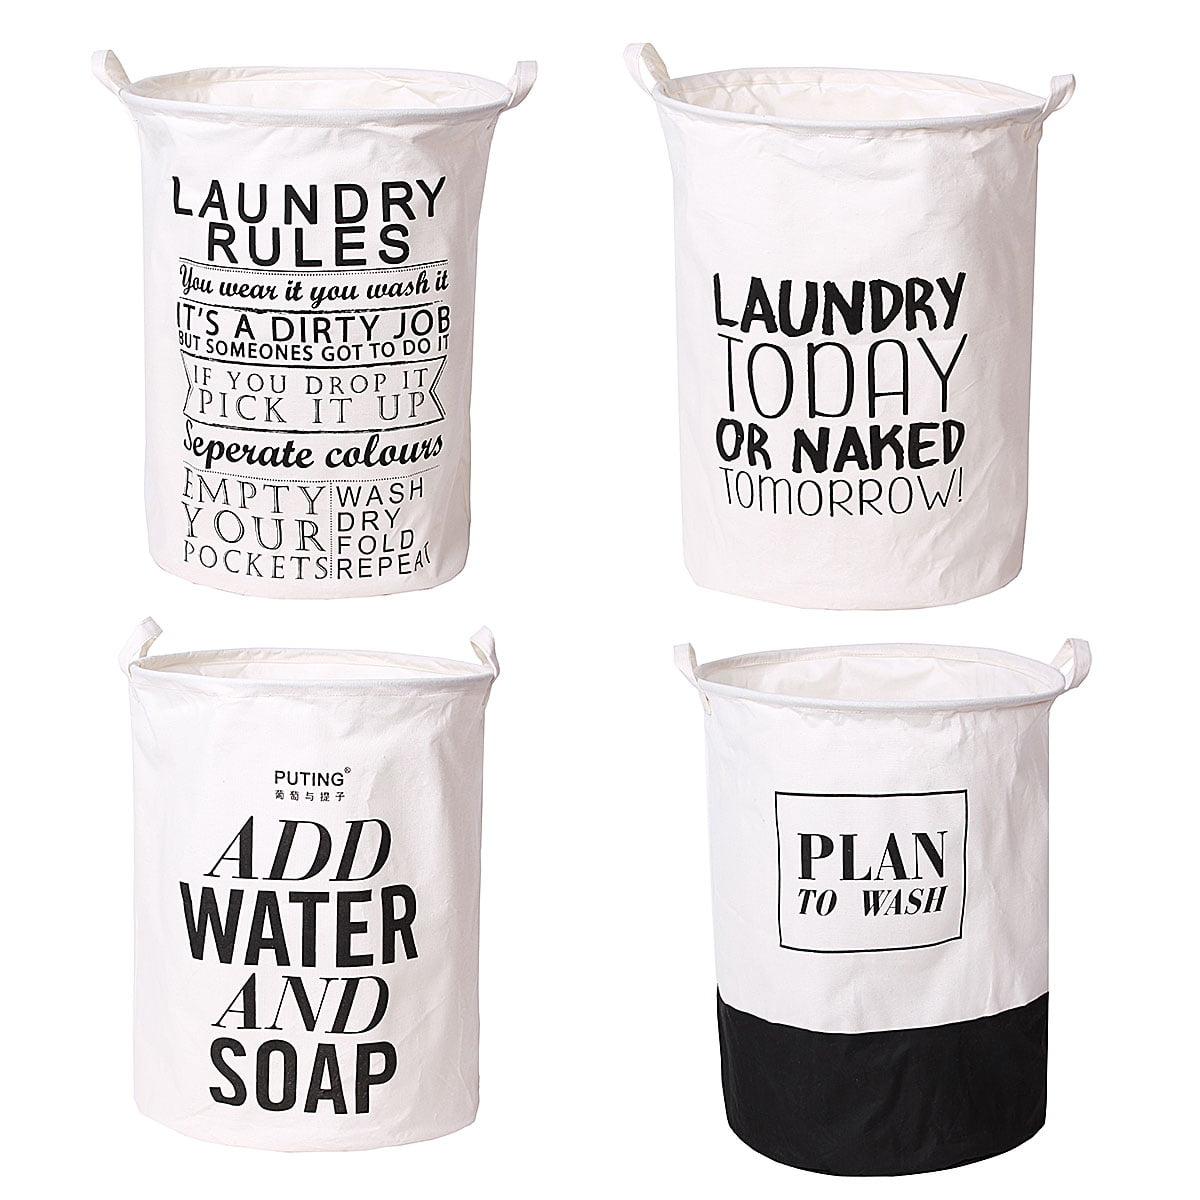 Folding Cotton Linen Hamper Laundry Bag Basket with Handle Washing Washing basket Clothes & Toys Storage Organizer